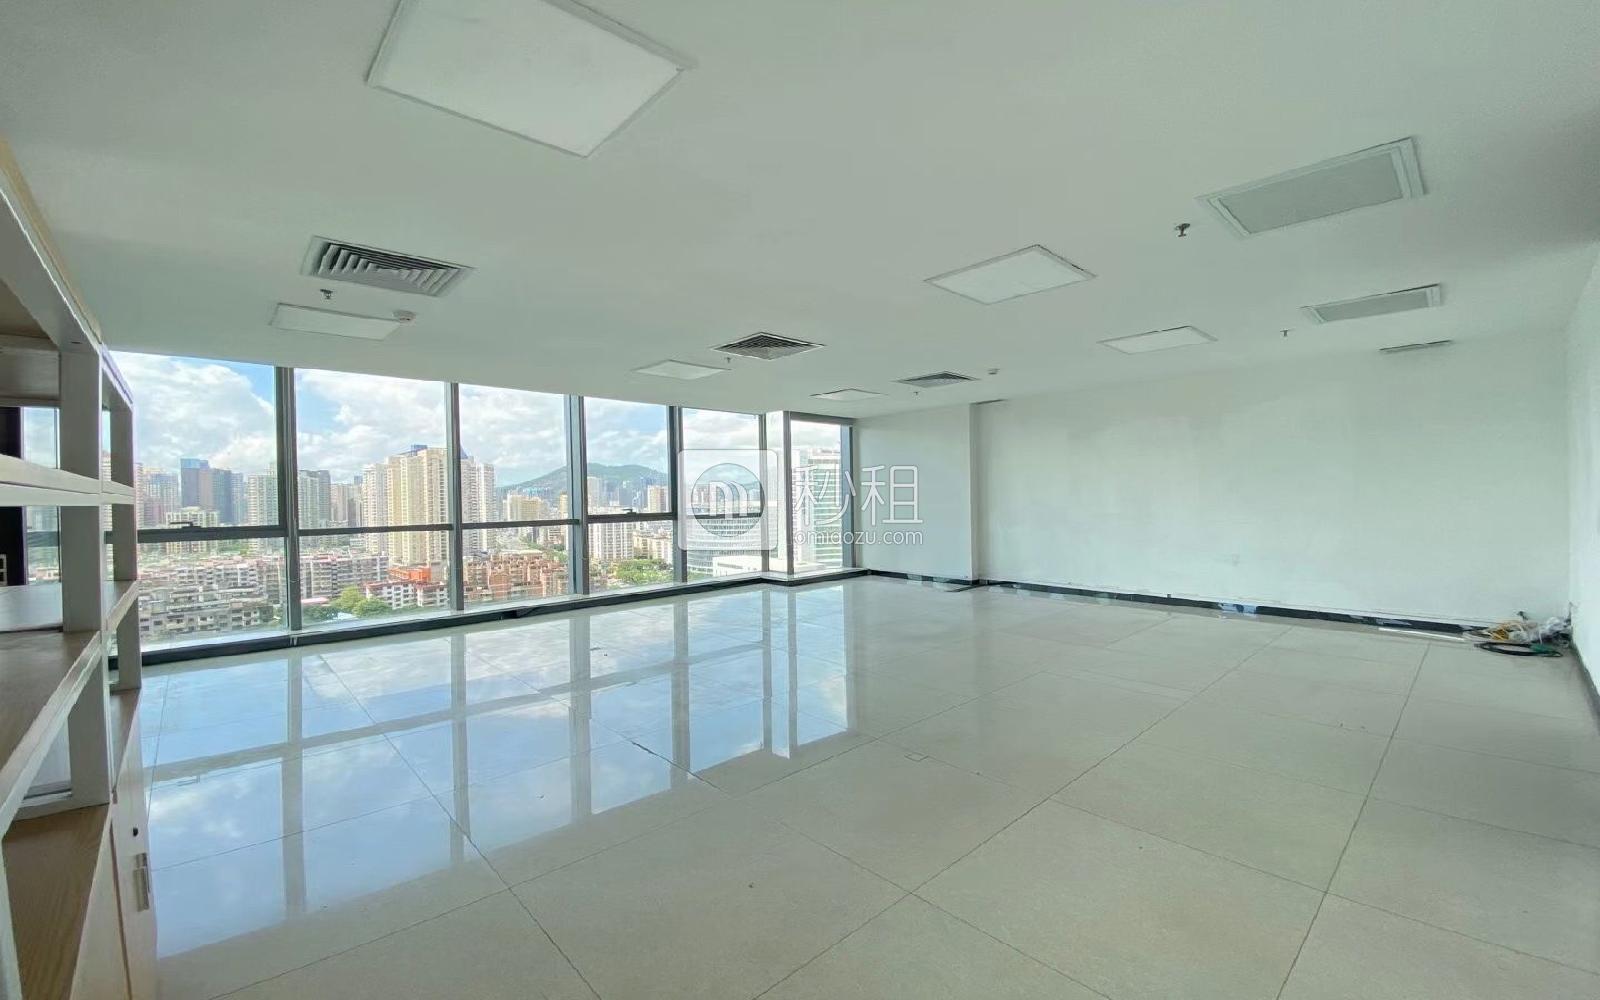 南山-南头 田厦国际中心(田厦金牛广场) 236m²